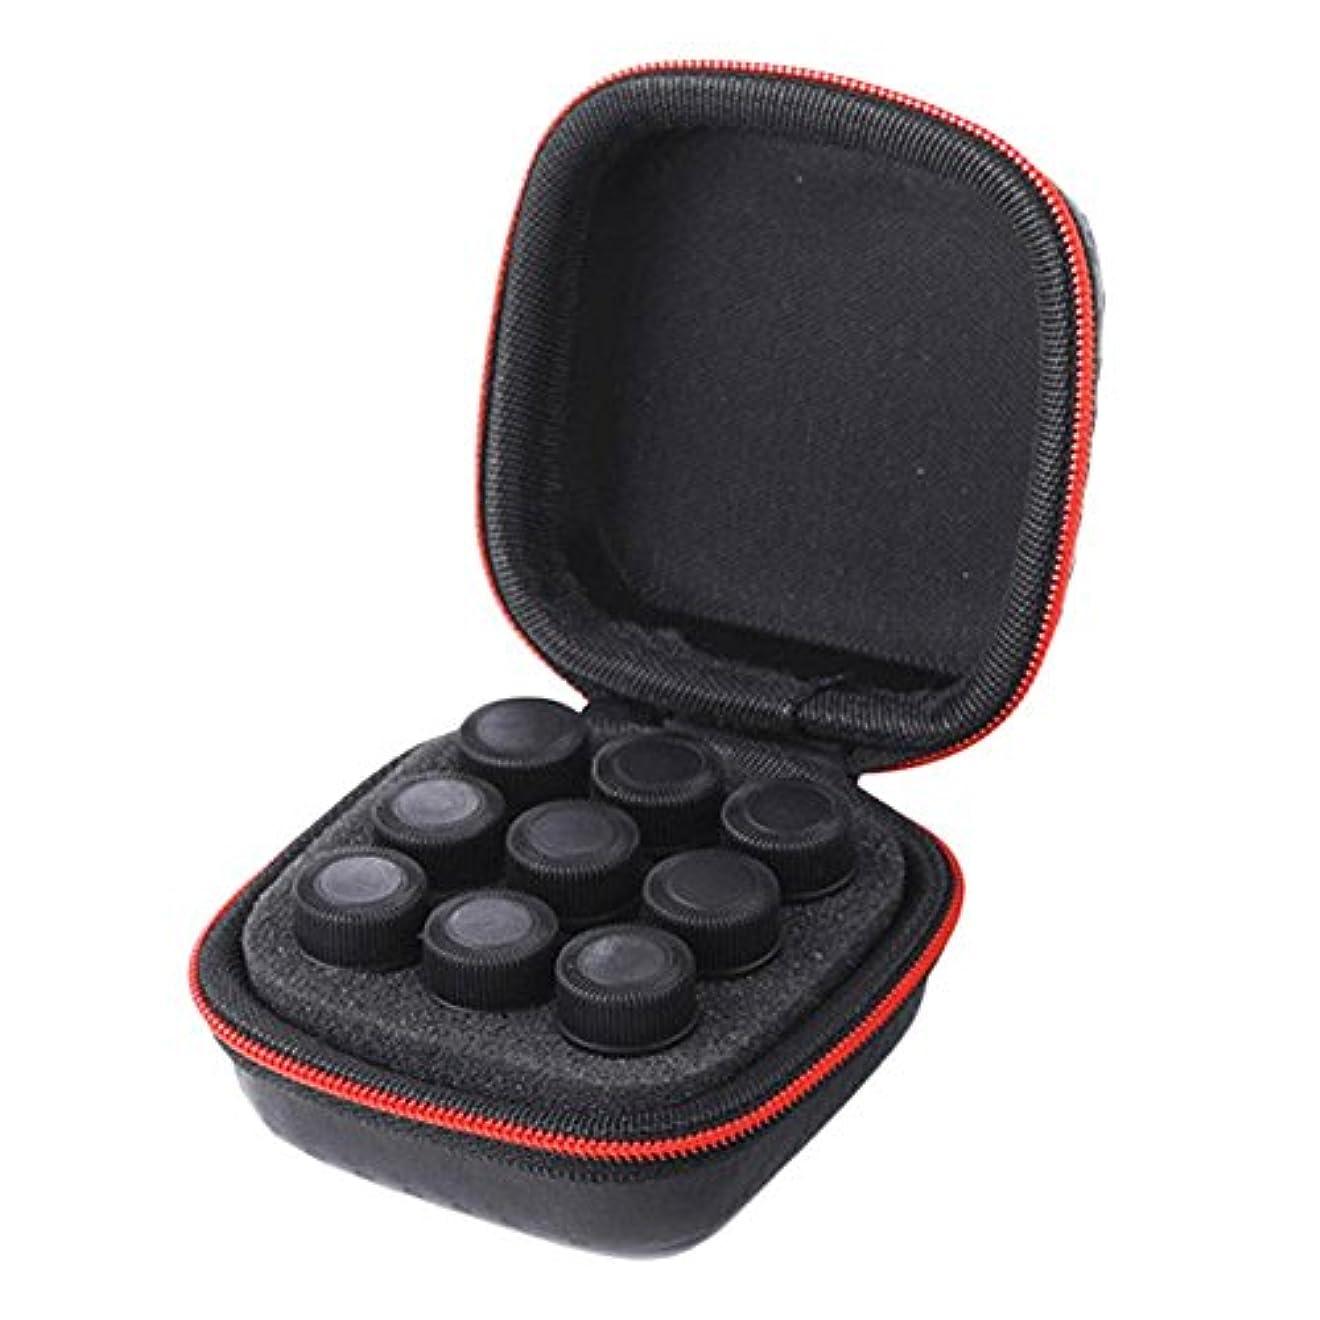 槍納得させる機動Pursue エッセンシャルオイル収納ケース アロマオイル収納ボックス アロマポーチ収納ケース 耐震 携帯便利 香水収納ポーチ 化粧ポーチ 9本用